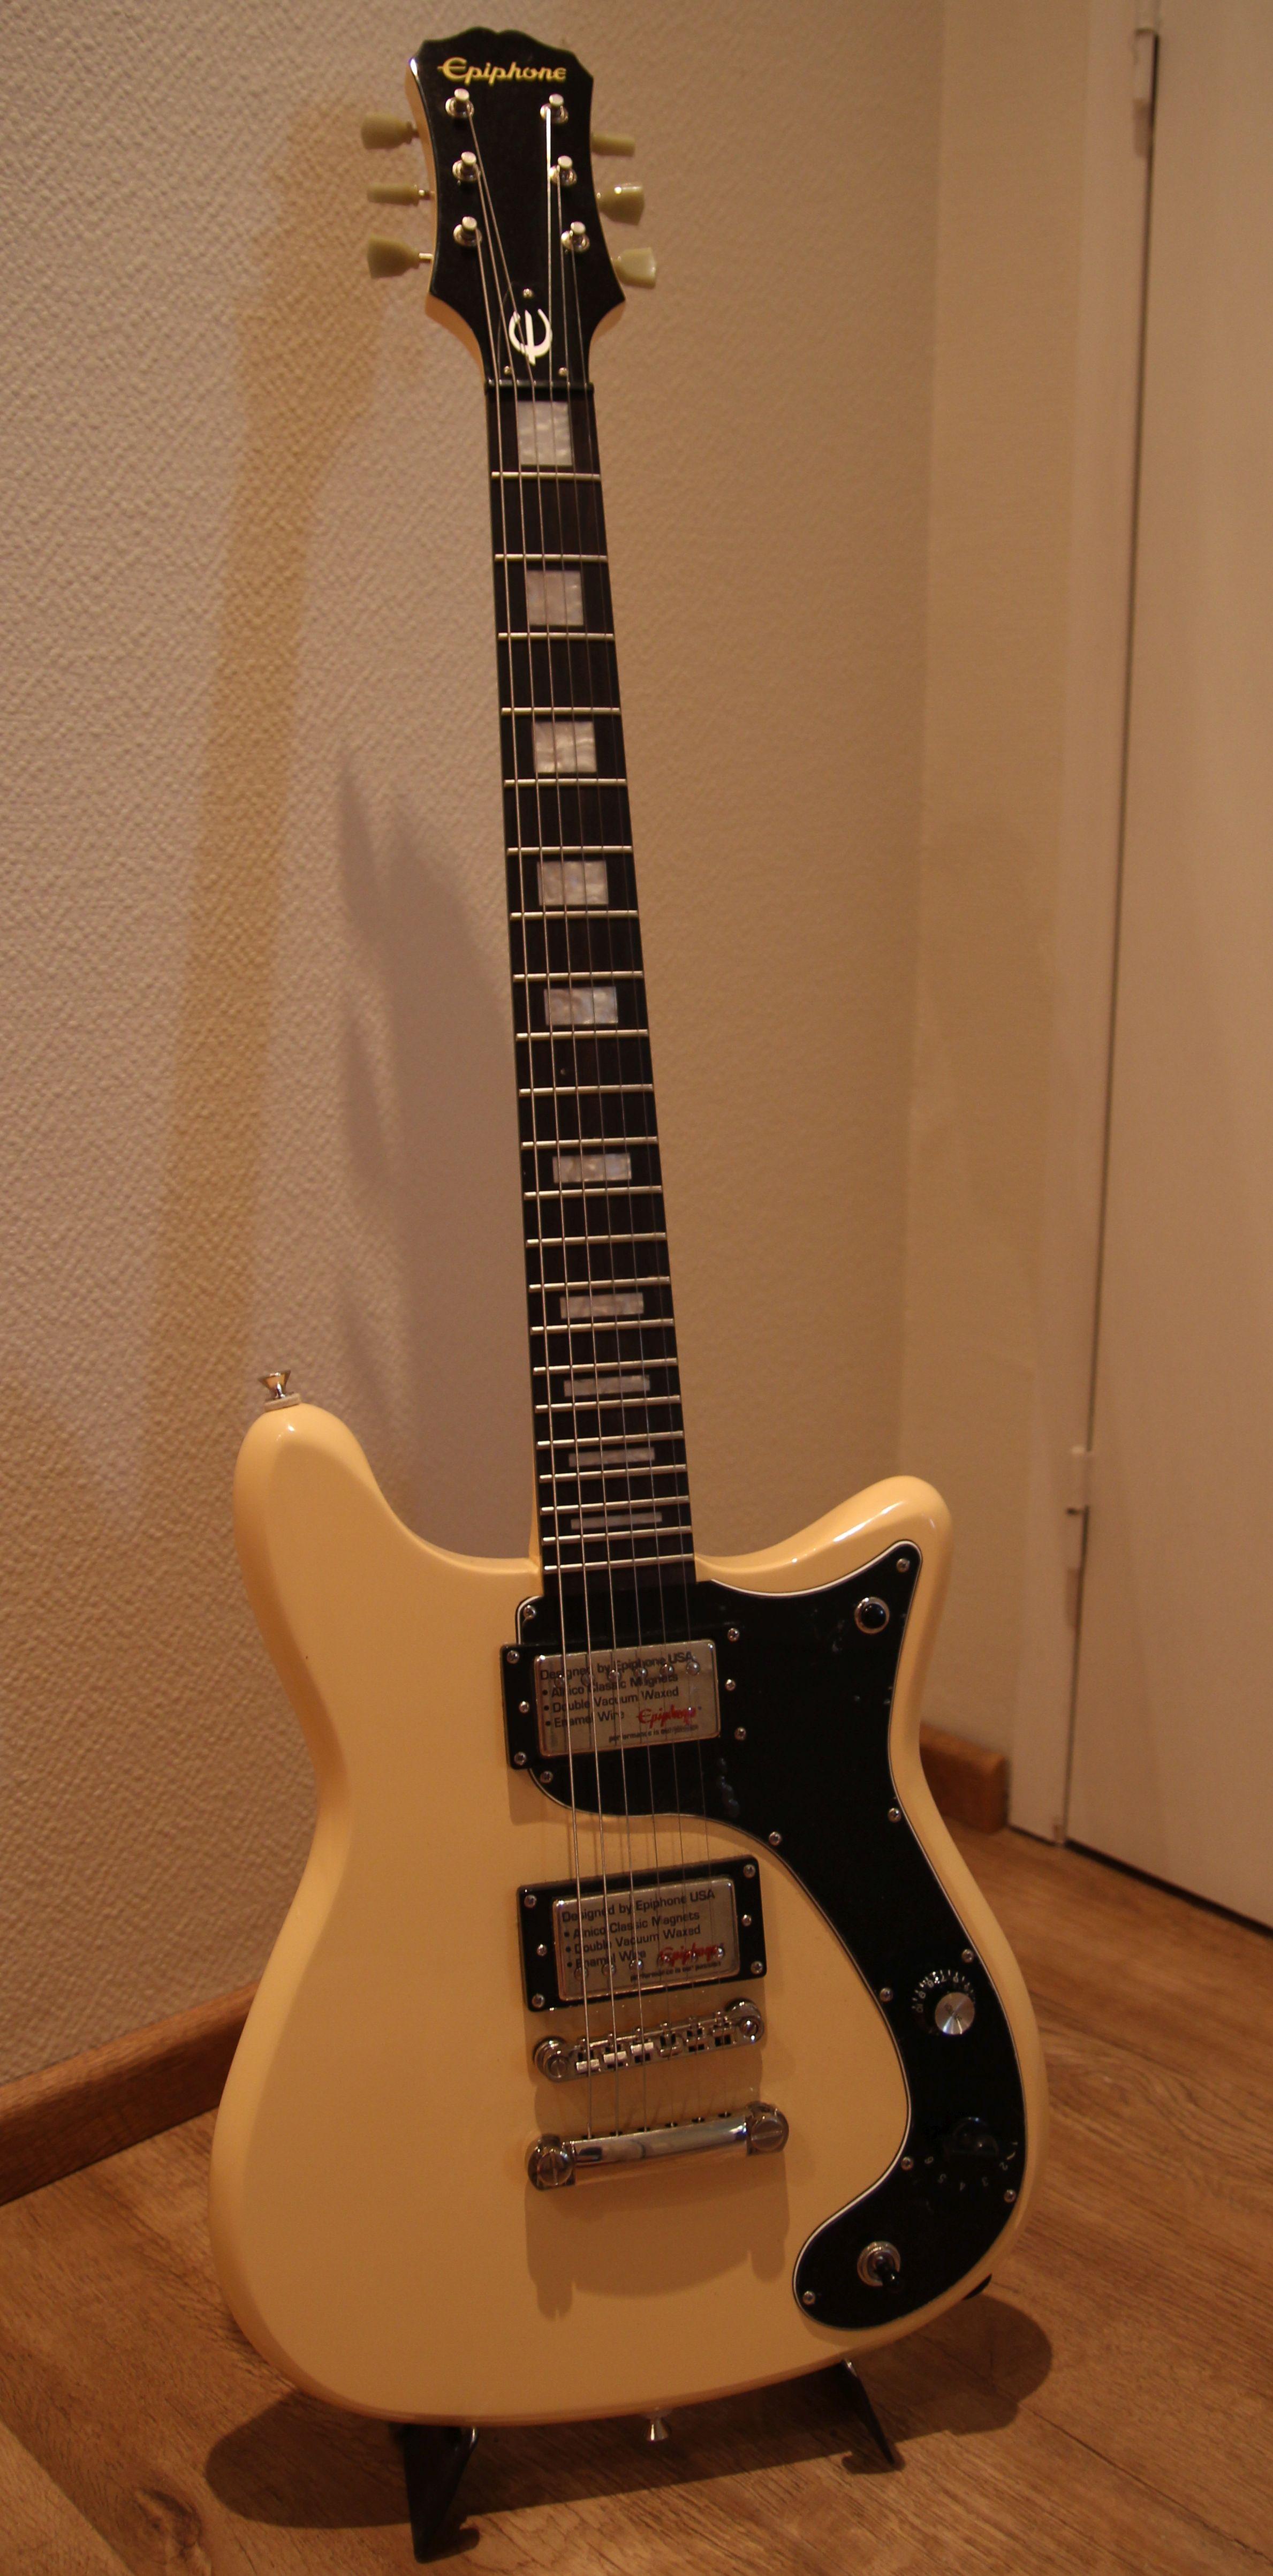 WILSHIRE PHANT-O-MATIC - Epiphone Wilshire Phant-O-Matic ...: http://fr.audiofanzine.com/autre-guitare-electrique-solid-b/epiphone/wilshire-phant-o-matic/